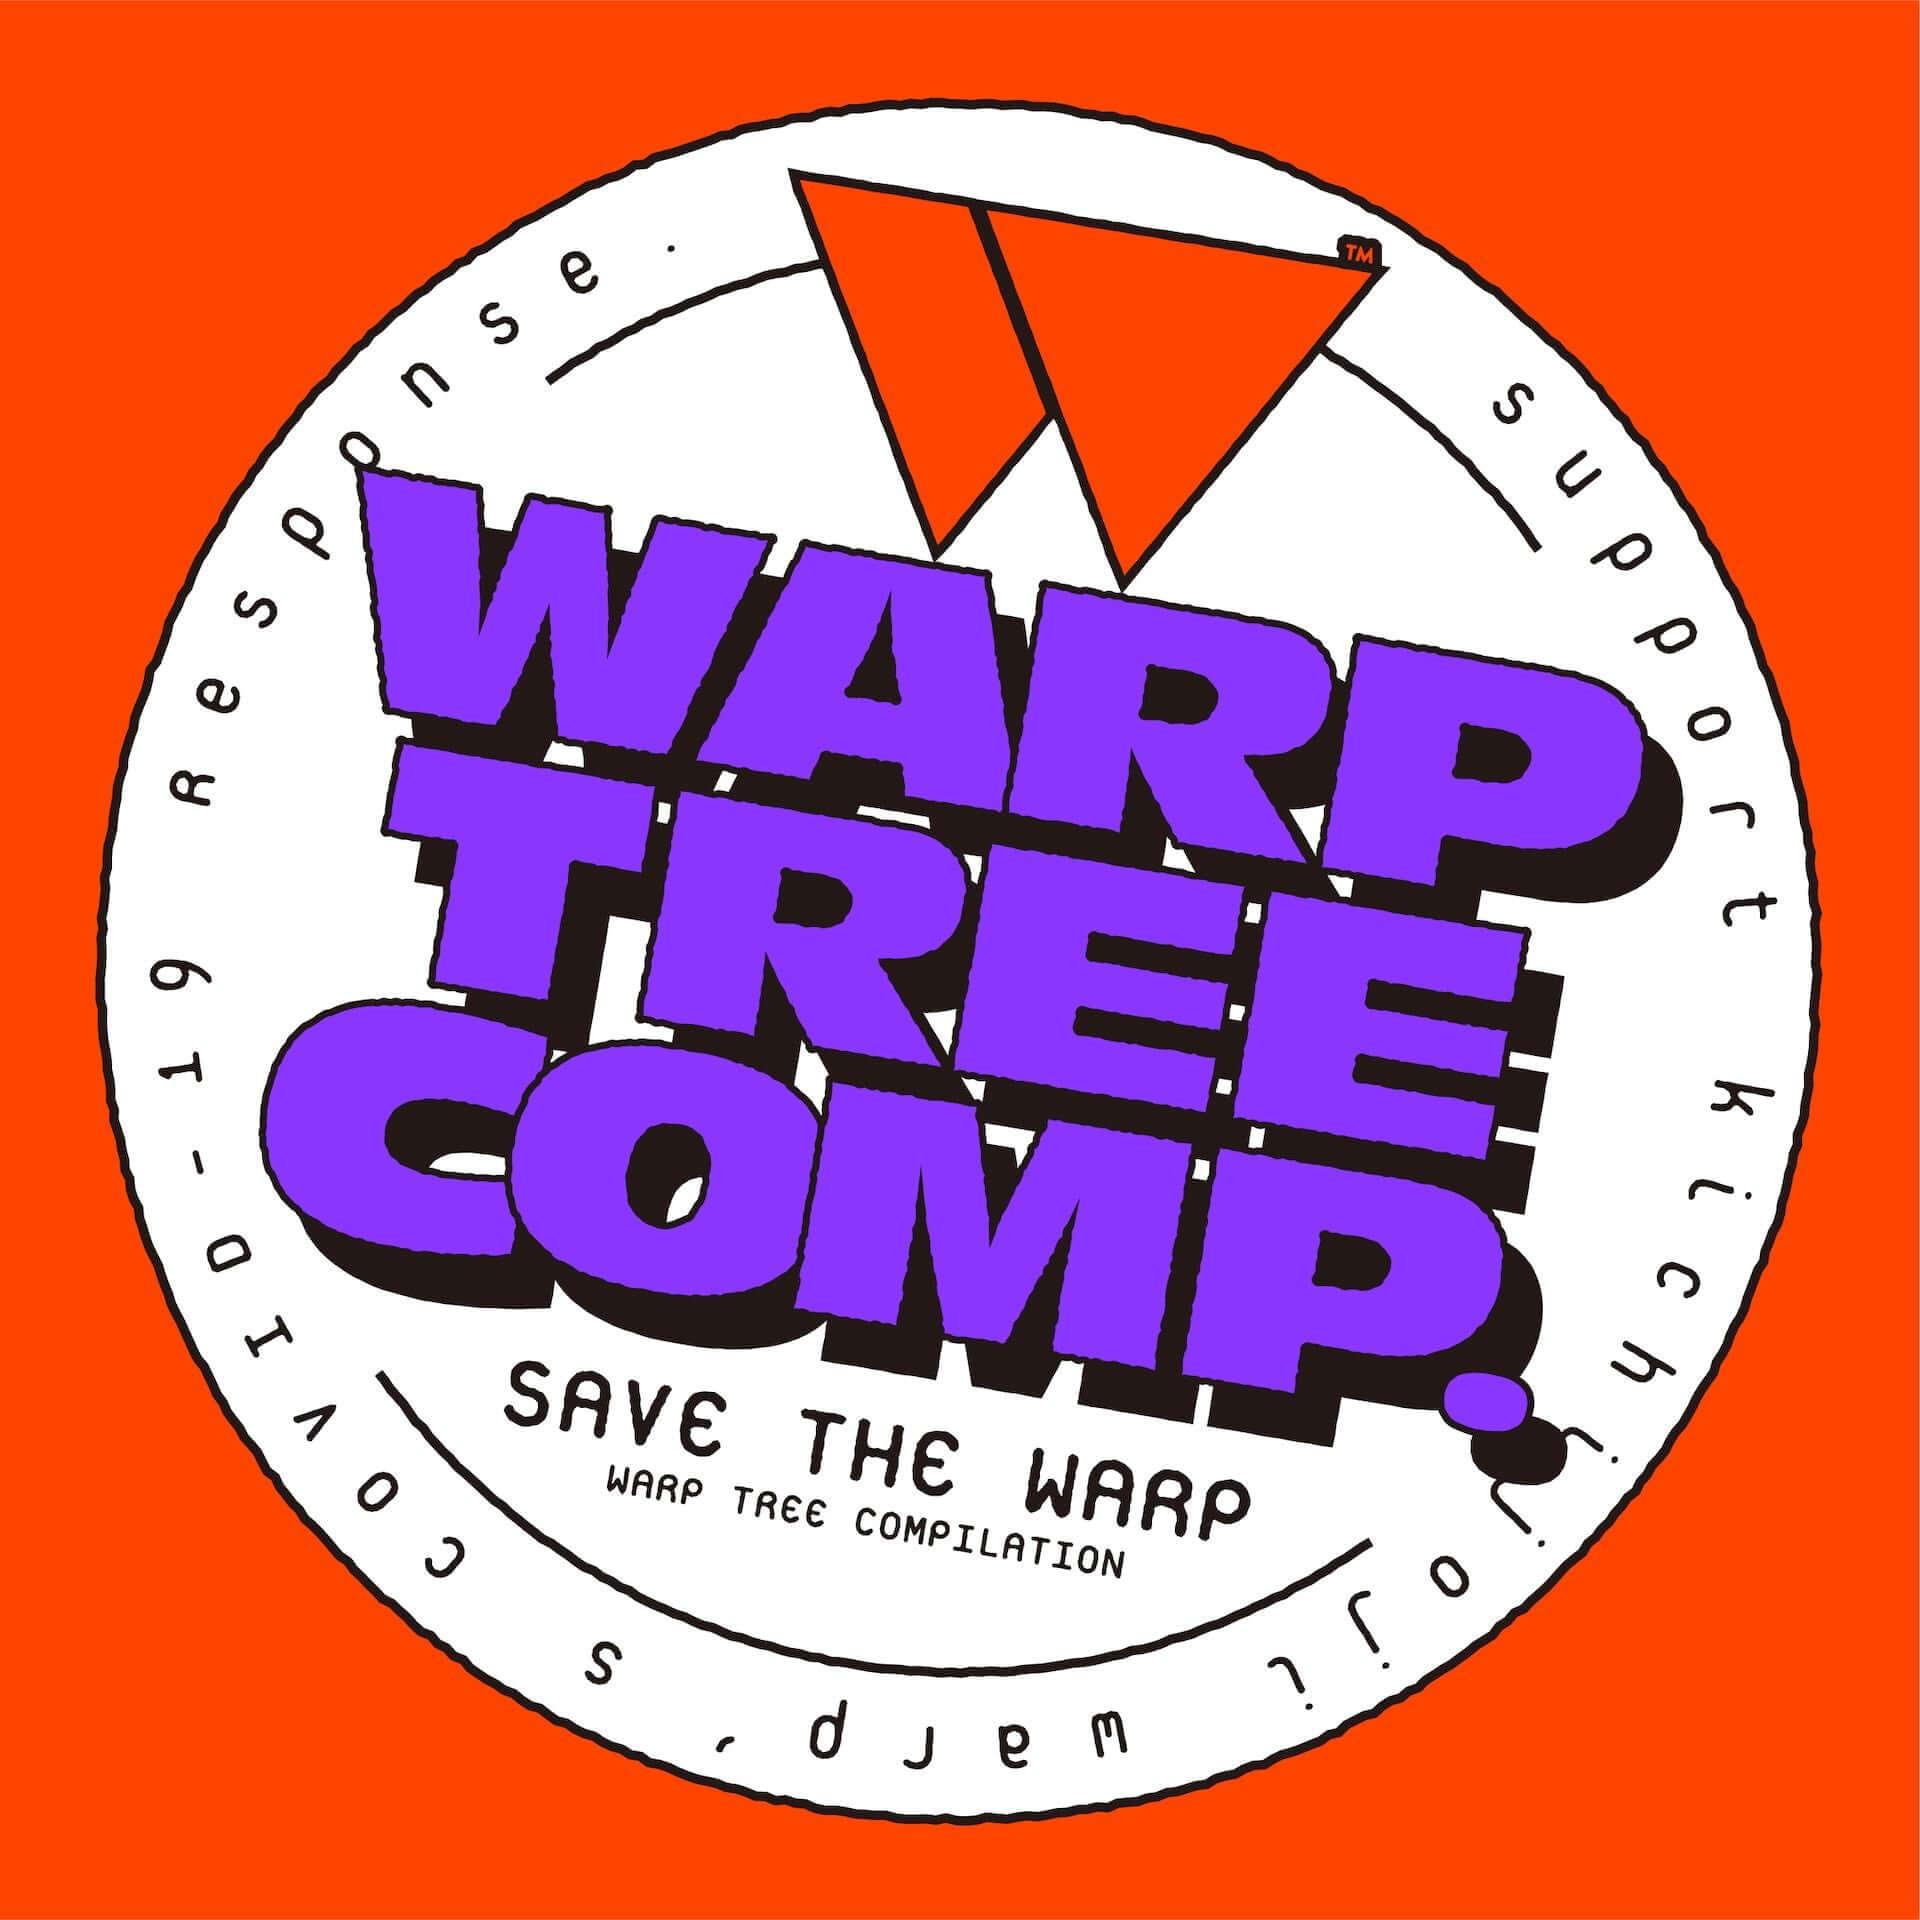 吉祥寺WARP応援プロジェクト「SAVE THE WARP」が始動|Wienners、忘れらんねえよ柴田ら44組参加のコンピが発売決定 music200721_savethewarp_5-1920x1920